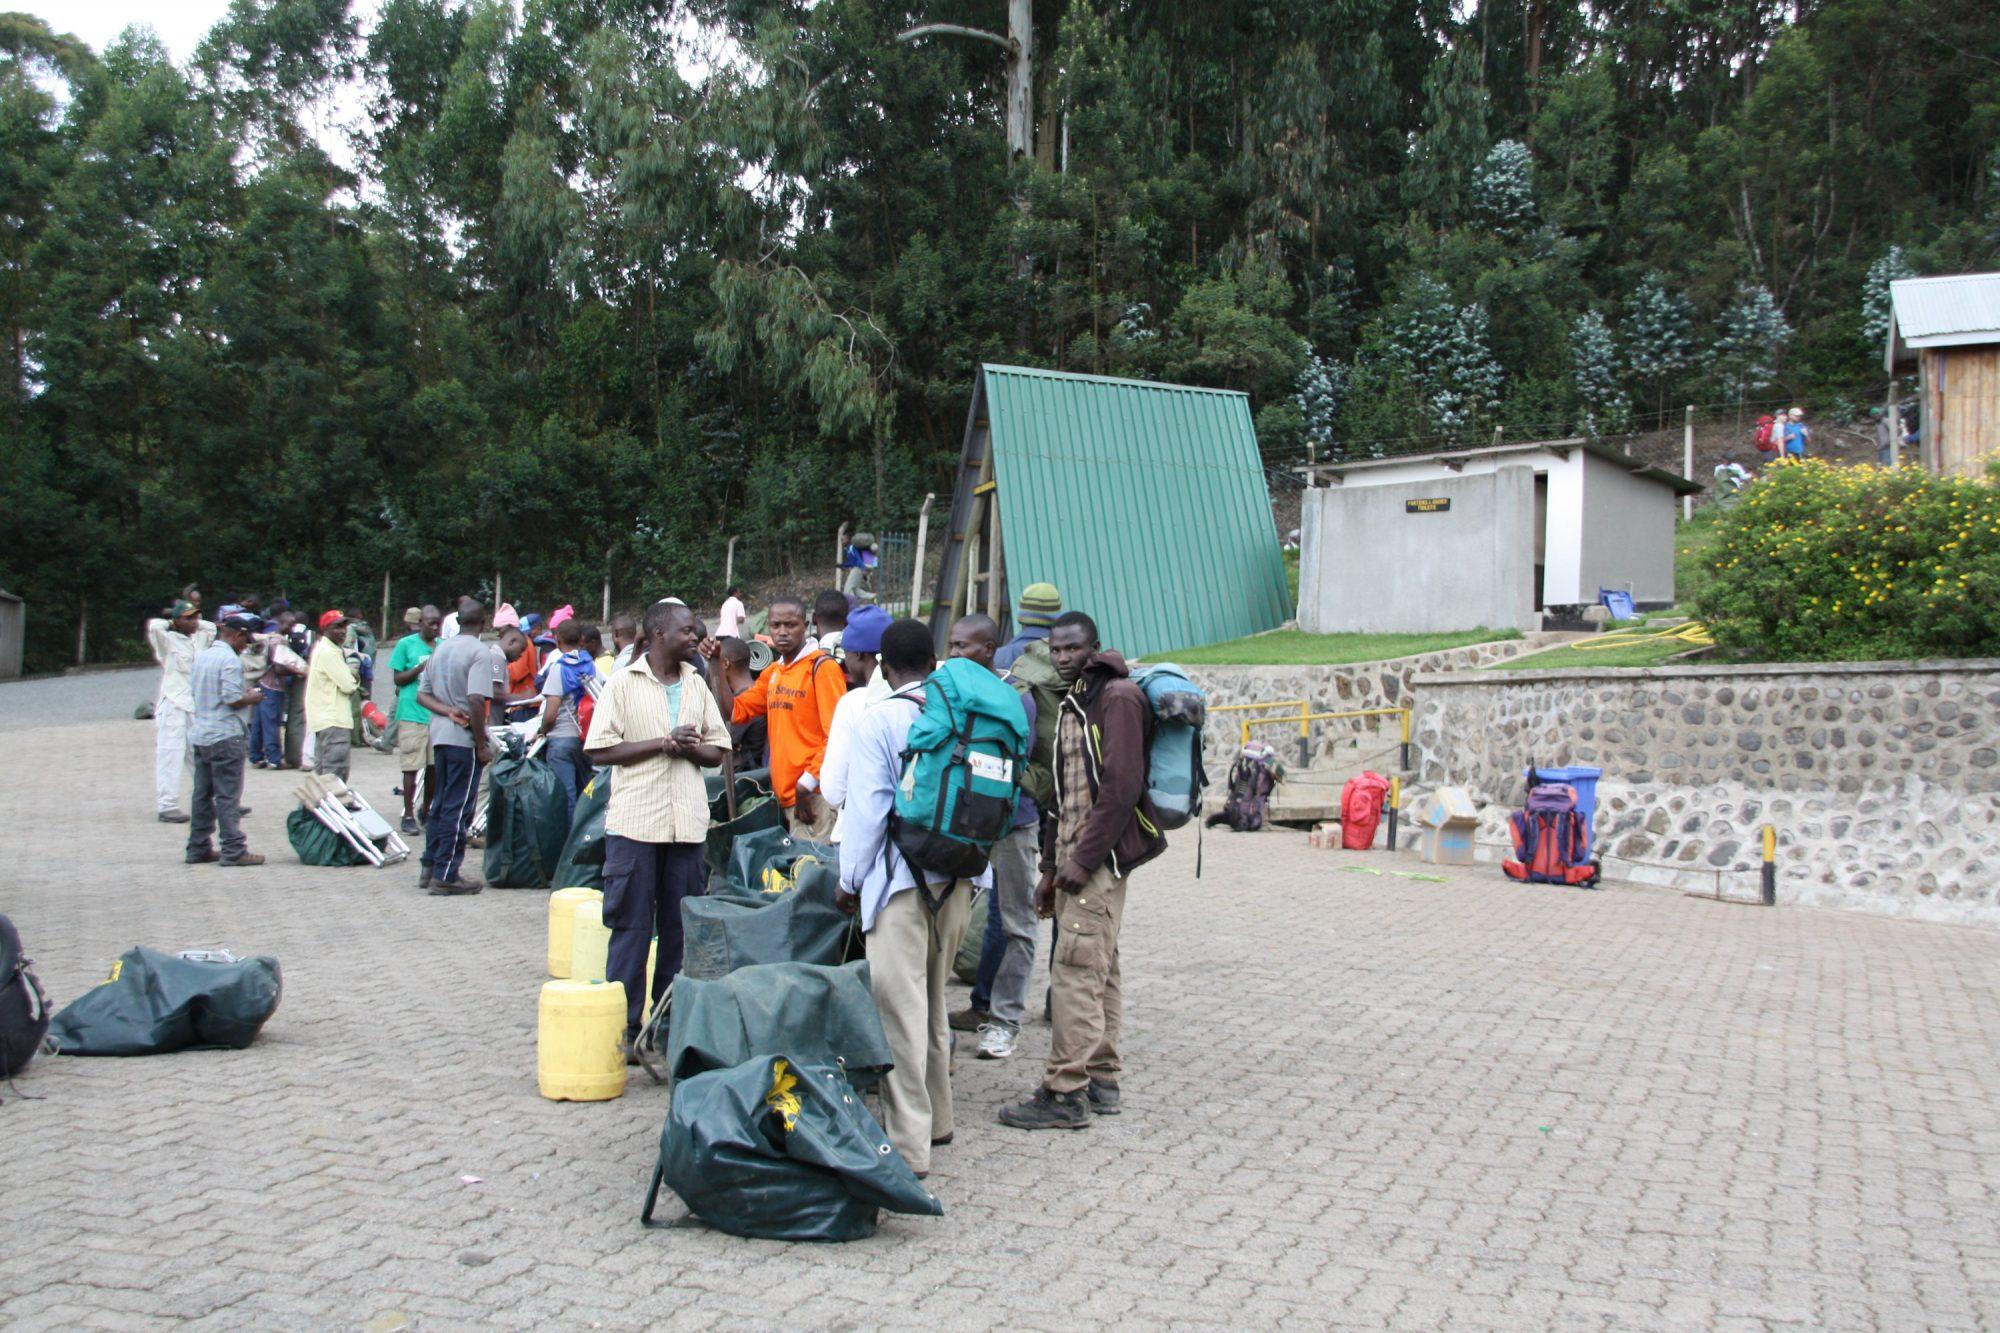 Träger am Machame Gate, Kilimandscharo, Kilimandscharo besteigen, Tansania, Afrika, Kilimandscharo Tour, Erfahrungsbericht, Machame Route